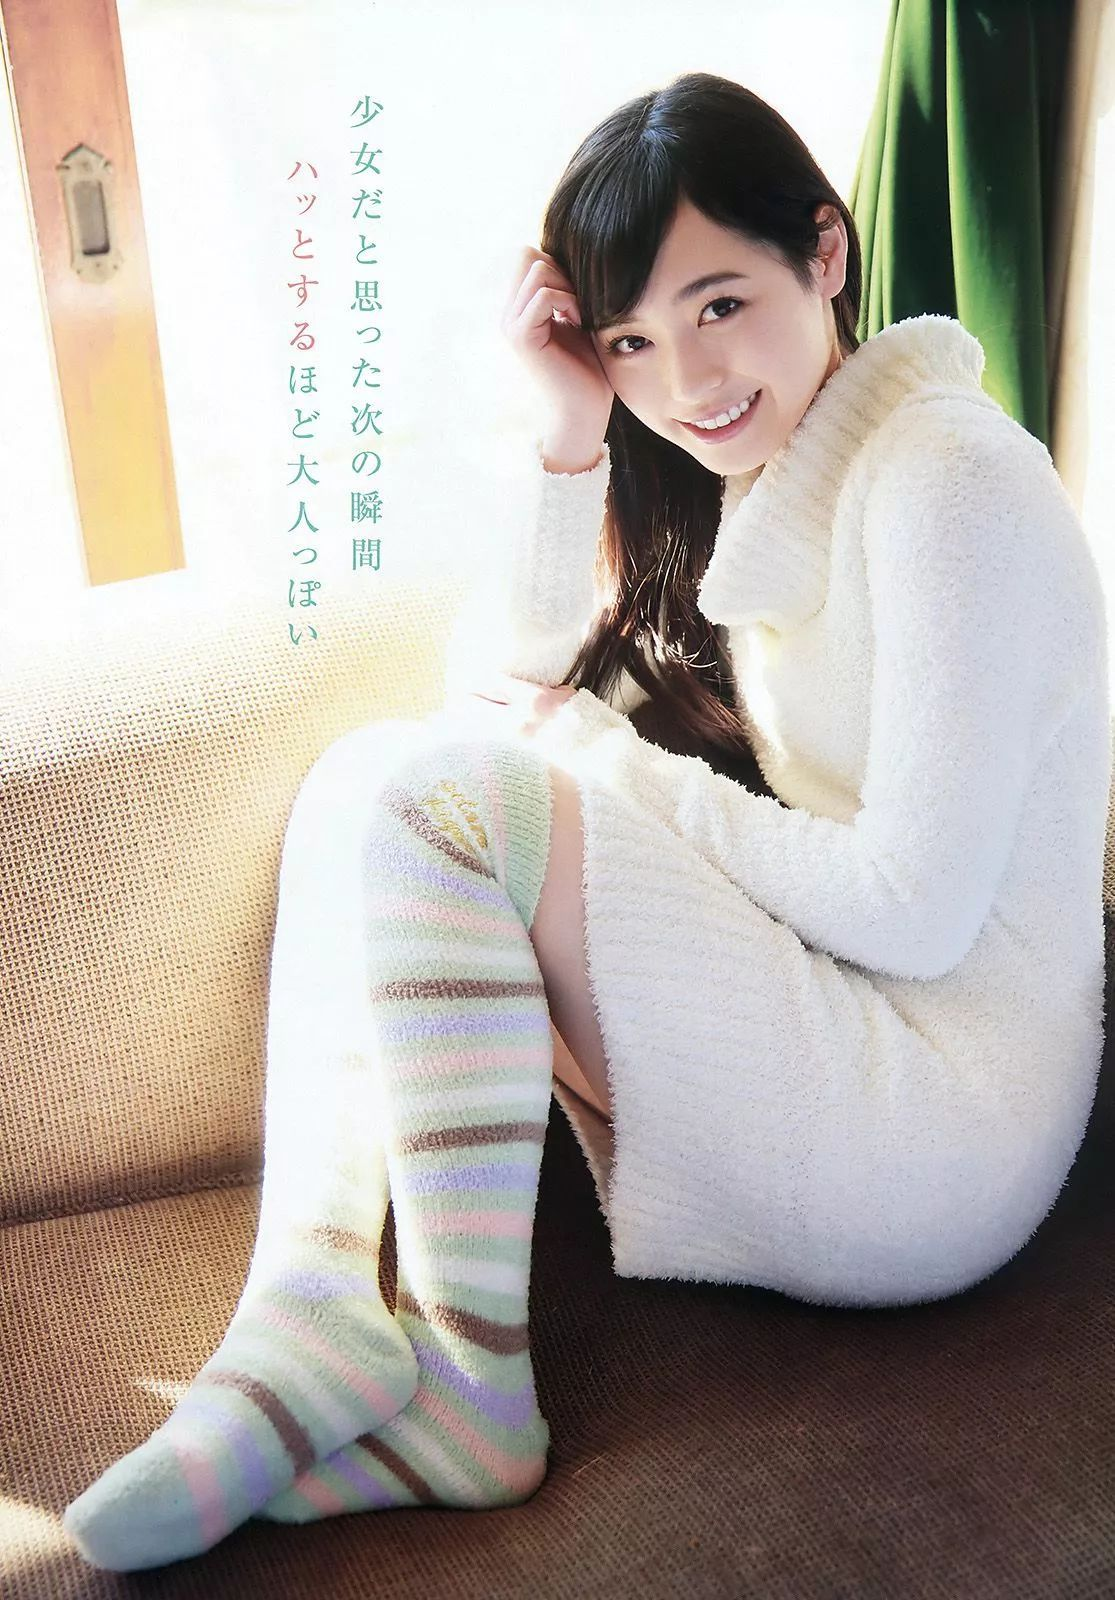 真的是甜到冒泡的美少女福原遥写真作品 (20)